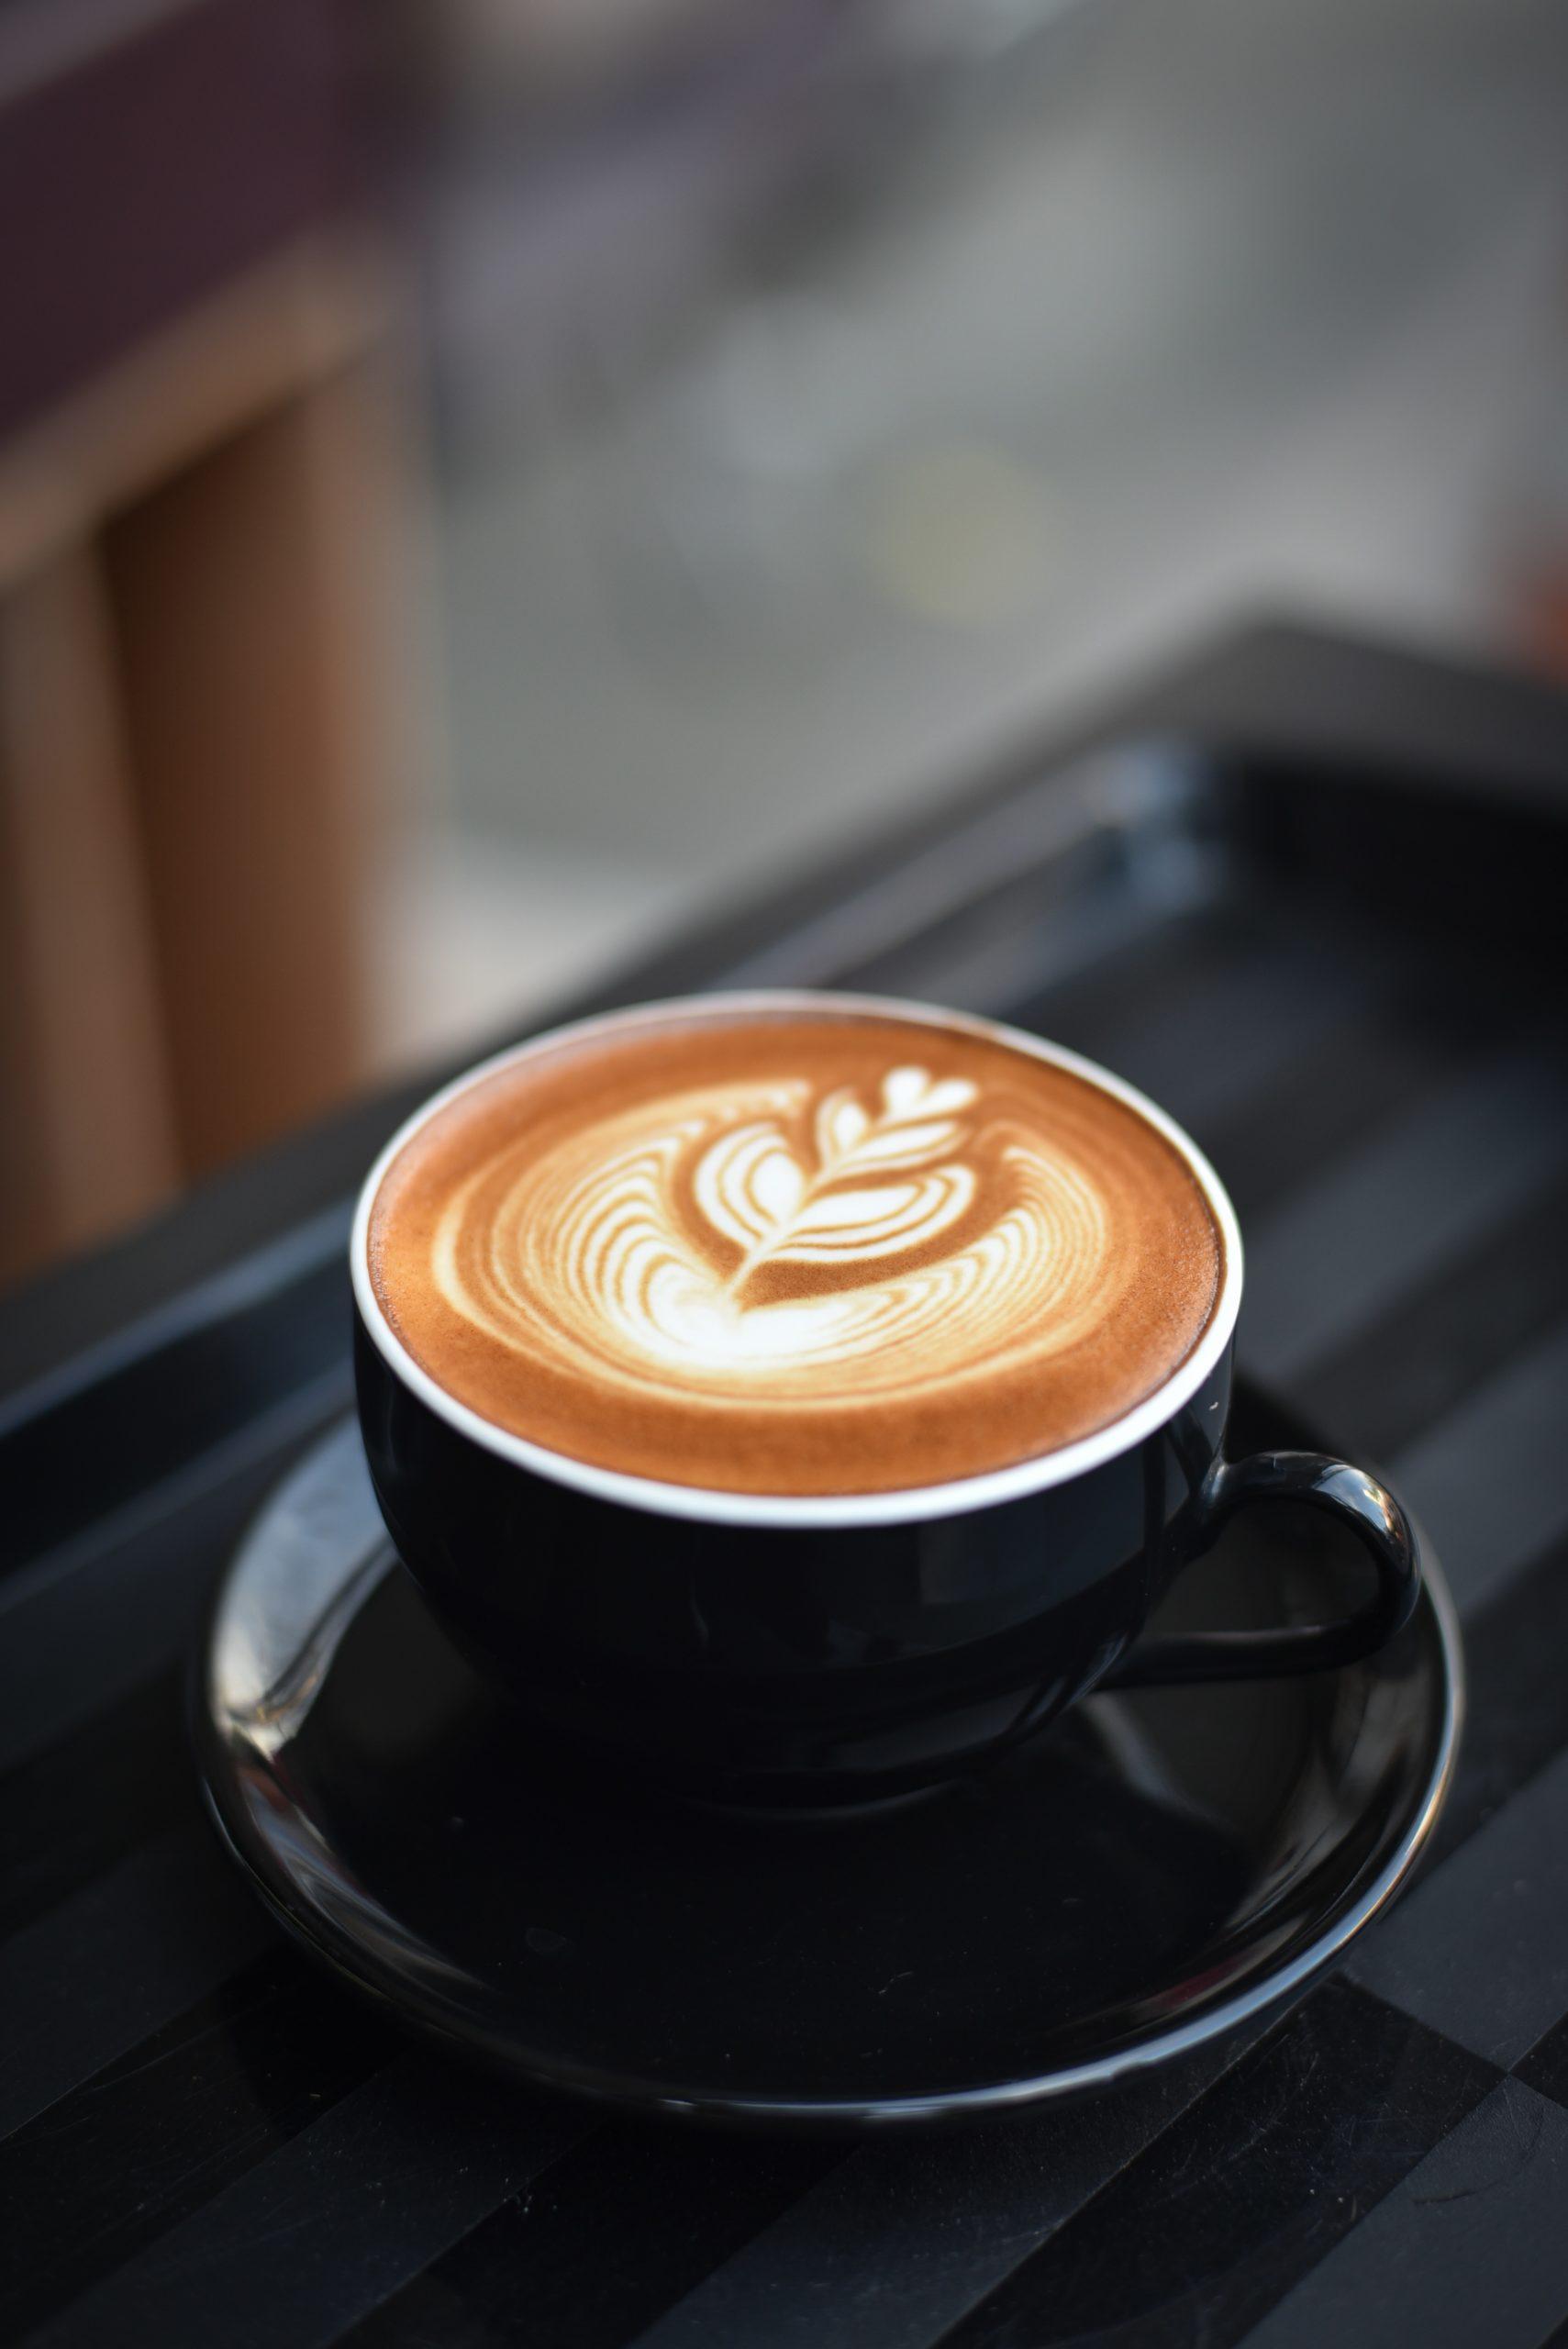 Le café est une odeur qui réveille notre odorat si on prend le temps de le sentir de bon matin.